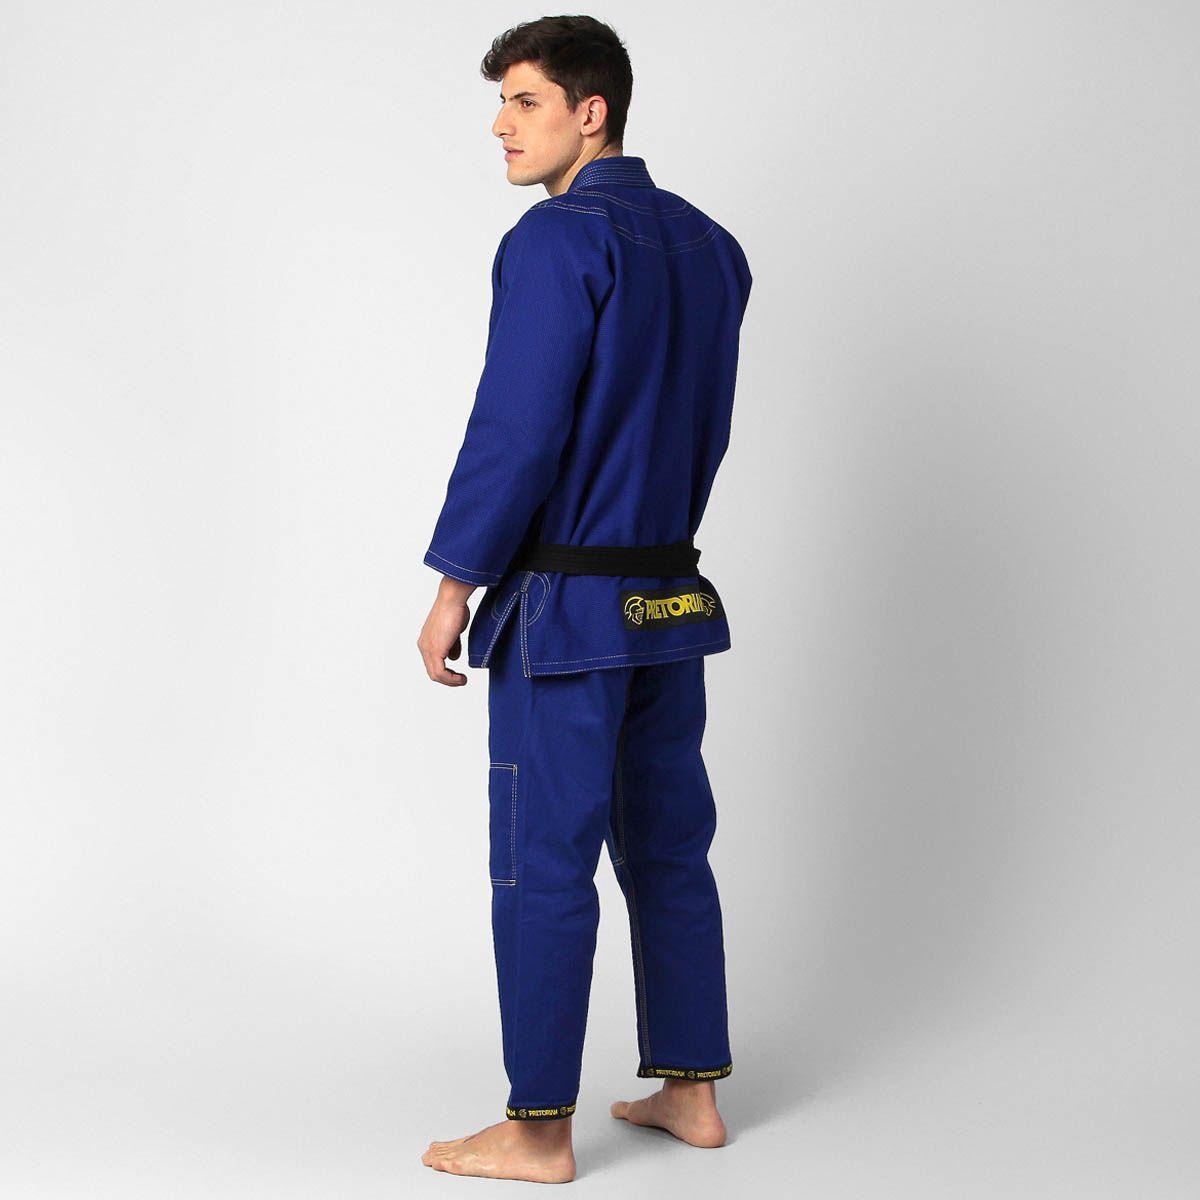 Kimono Jiu Jitsu - Pretorian Pro - Azul  - Loja do Competidor